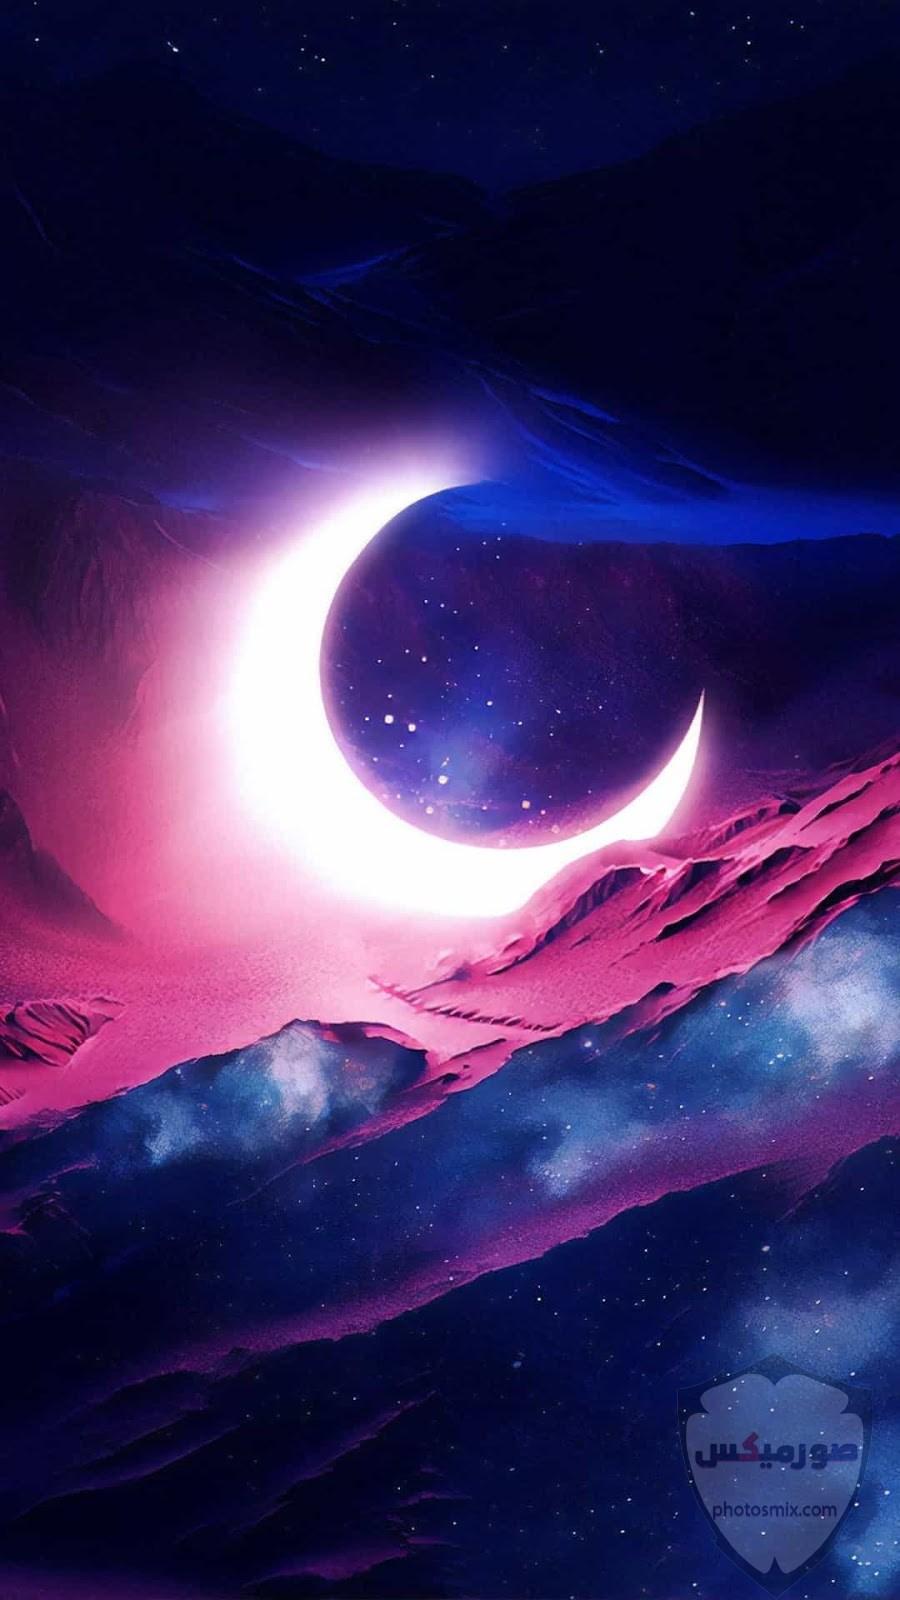 صور القمر والسماء والنجوم خلفيات للقمر والبدر والهلال عالية الجودة 7